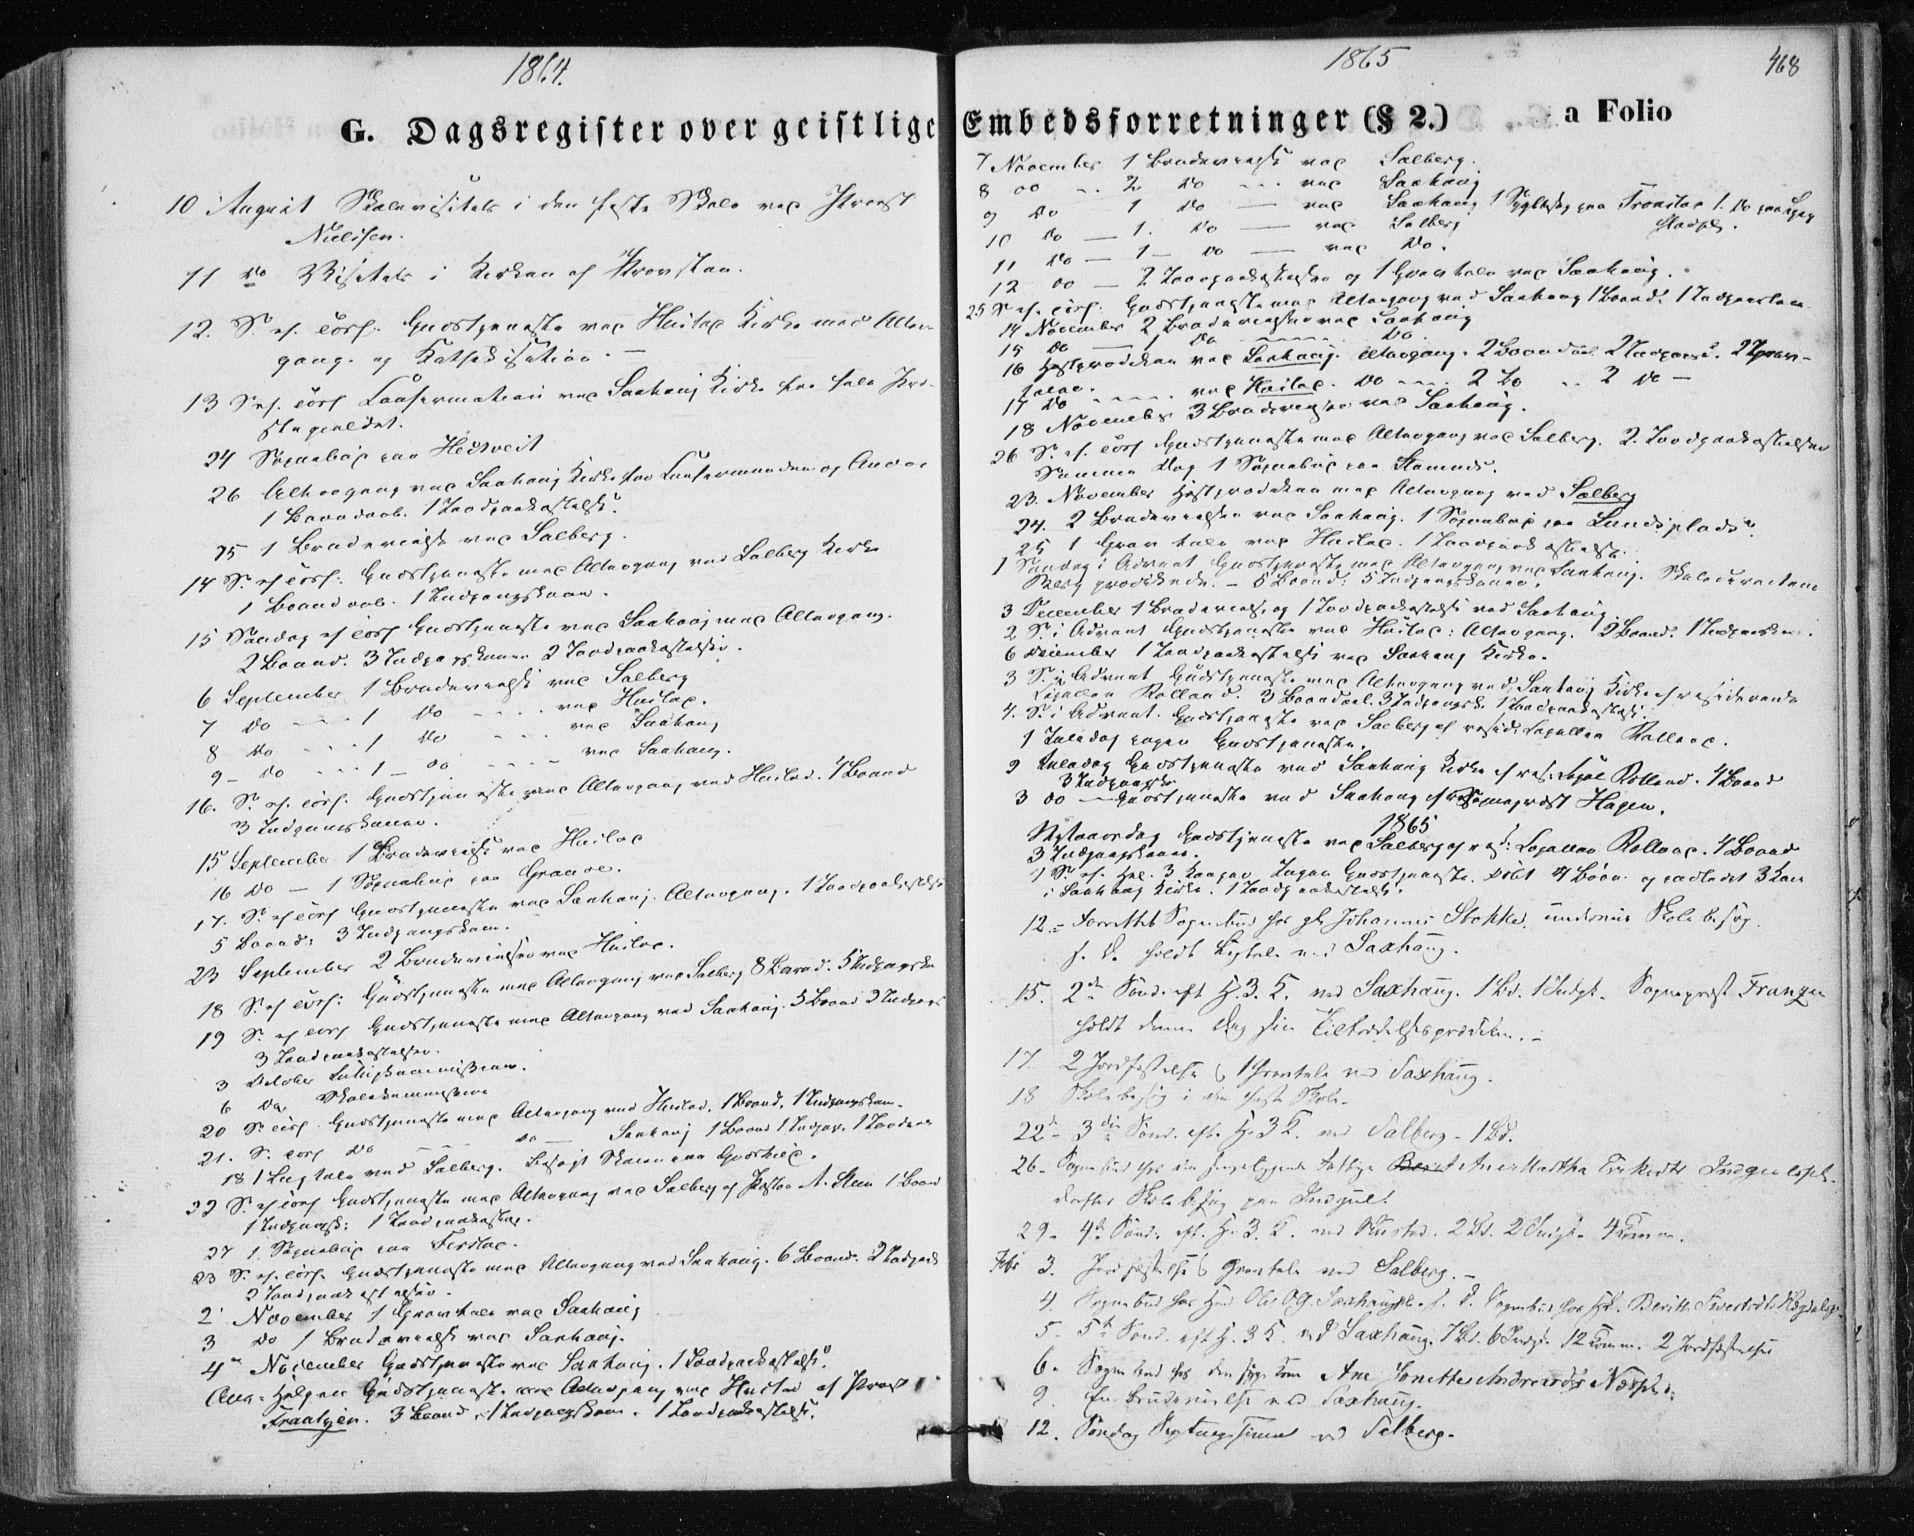 SAT, Ministerialprotokoller, klokkerbøker og fødselsregistre - Nord-Trøndelag, 730/L0283: Ministerialbok nr. 730A08, 1855-1865, s. 468